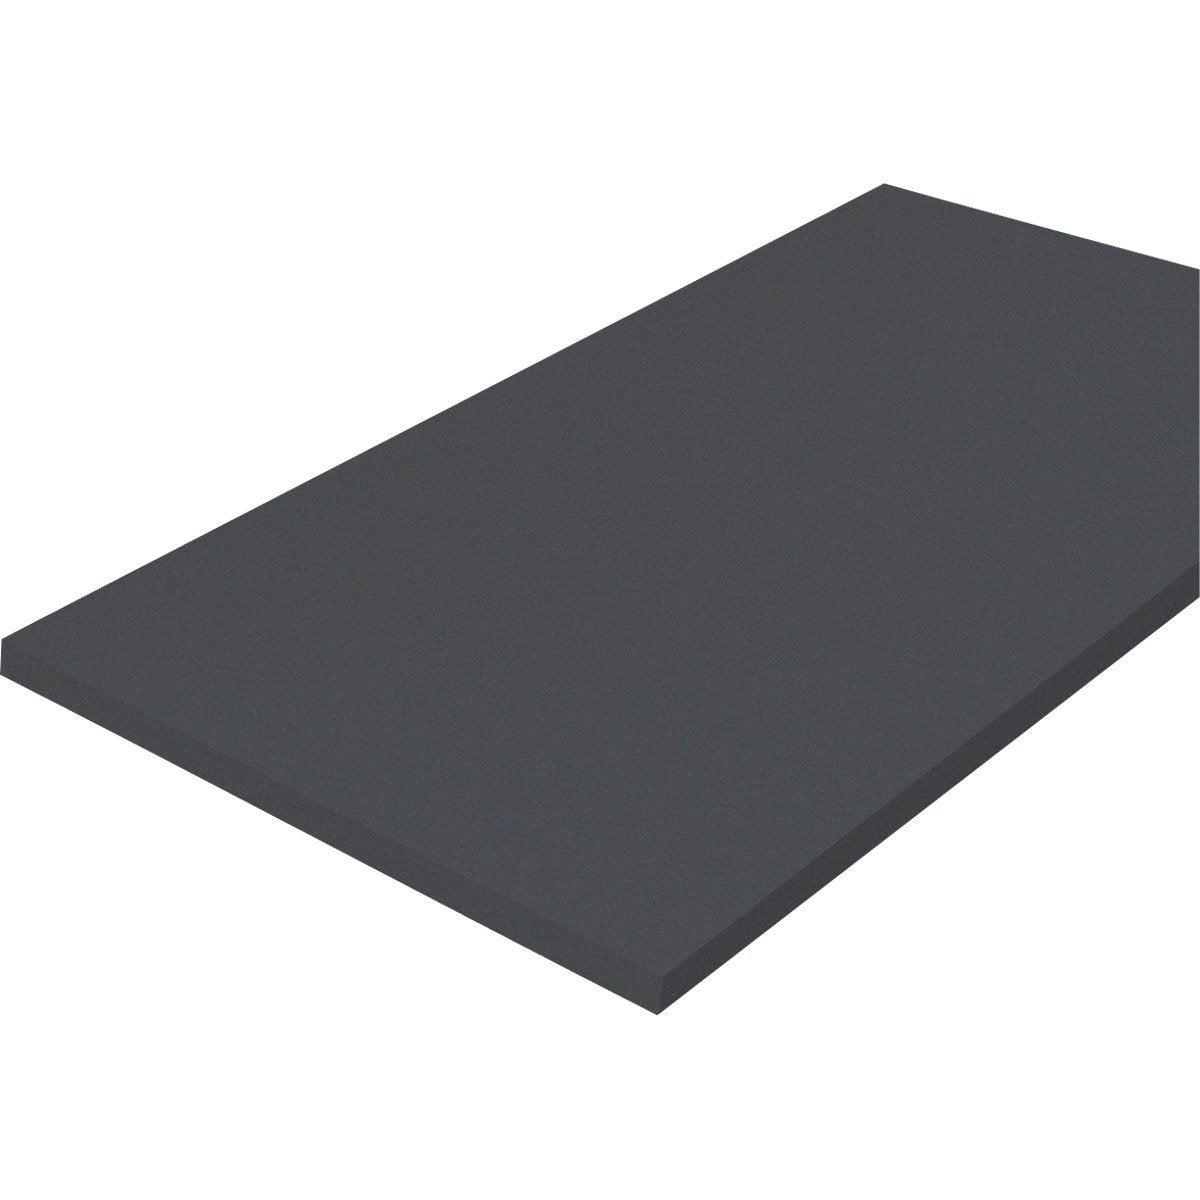 Plateau de table m lamin laqu 120 x 80 cm 18 mm for Plateau de table rond 120 cm